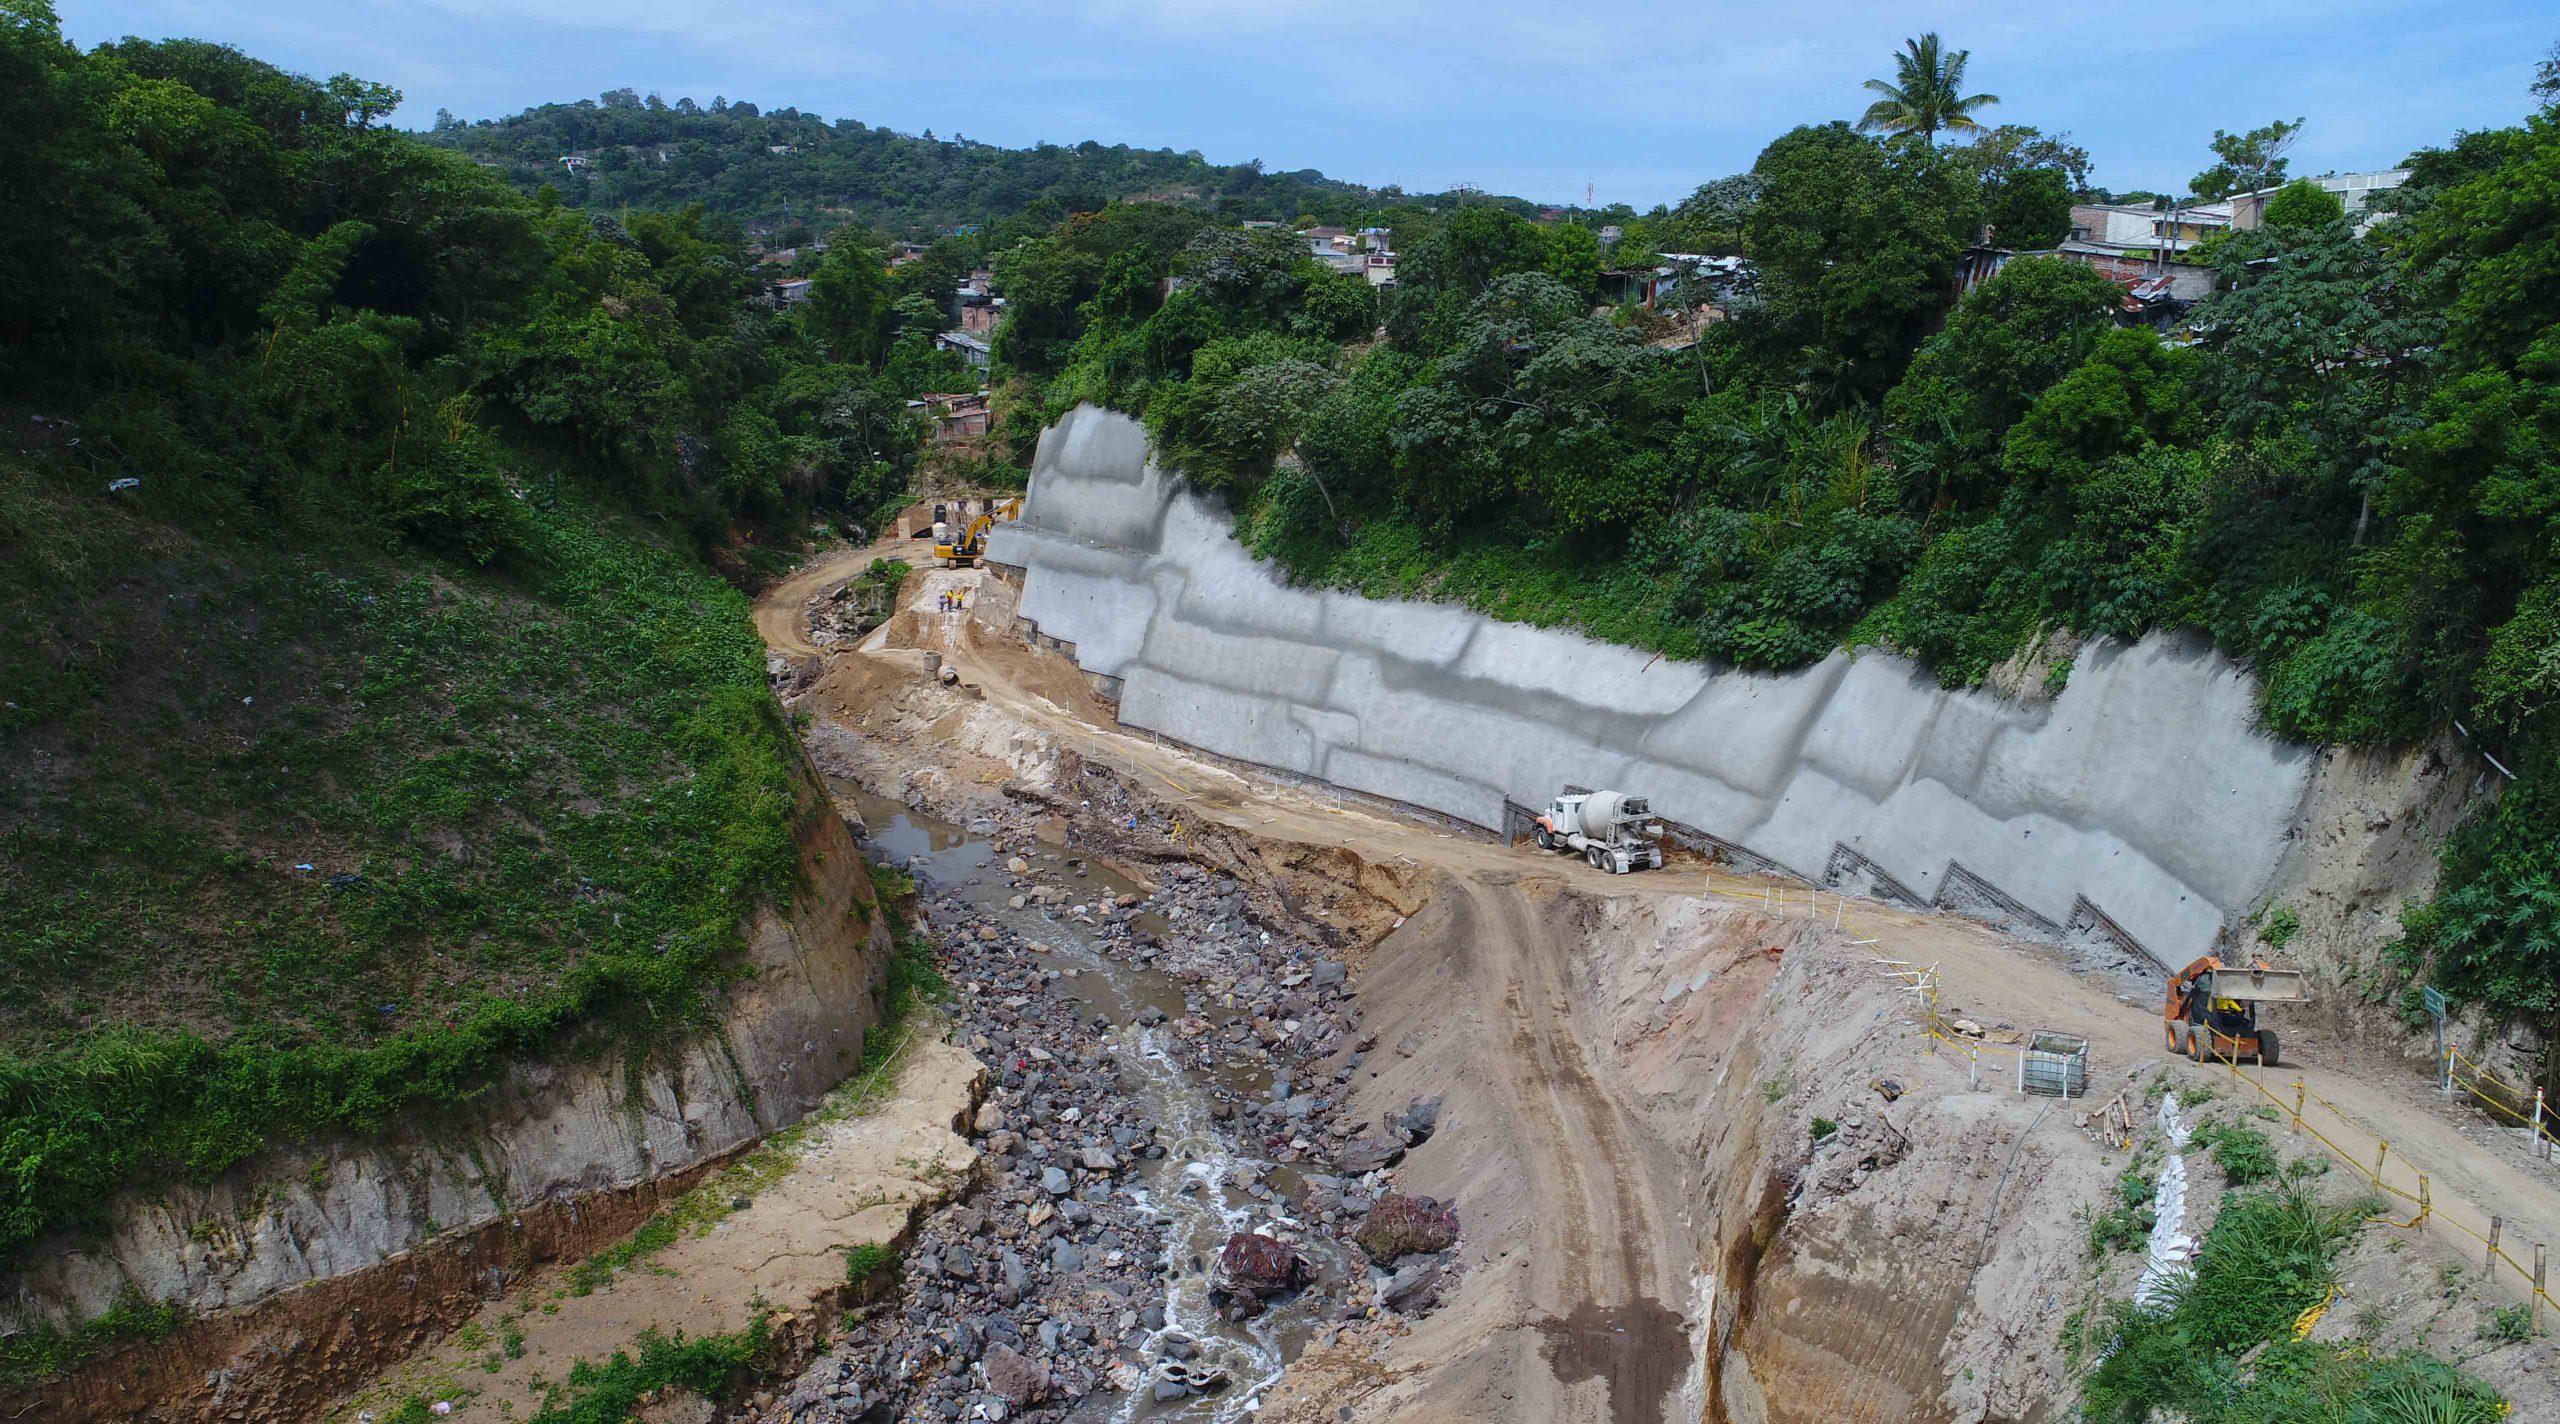 Avanza construcción de la primera laguna de laminación en Centroamérica para prevenir inundacioneAvanza construcción de la primera laguna de laminación en Centroamérica para prevenir inundaciones en sector Sur de San Salvador s en sector Sur de San Salvador